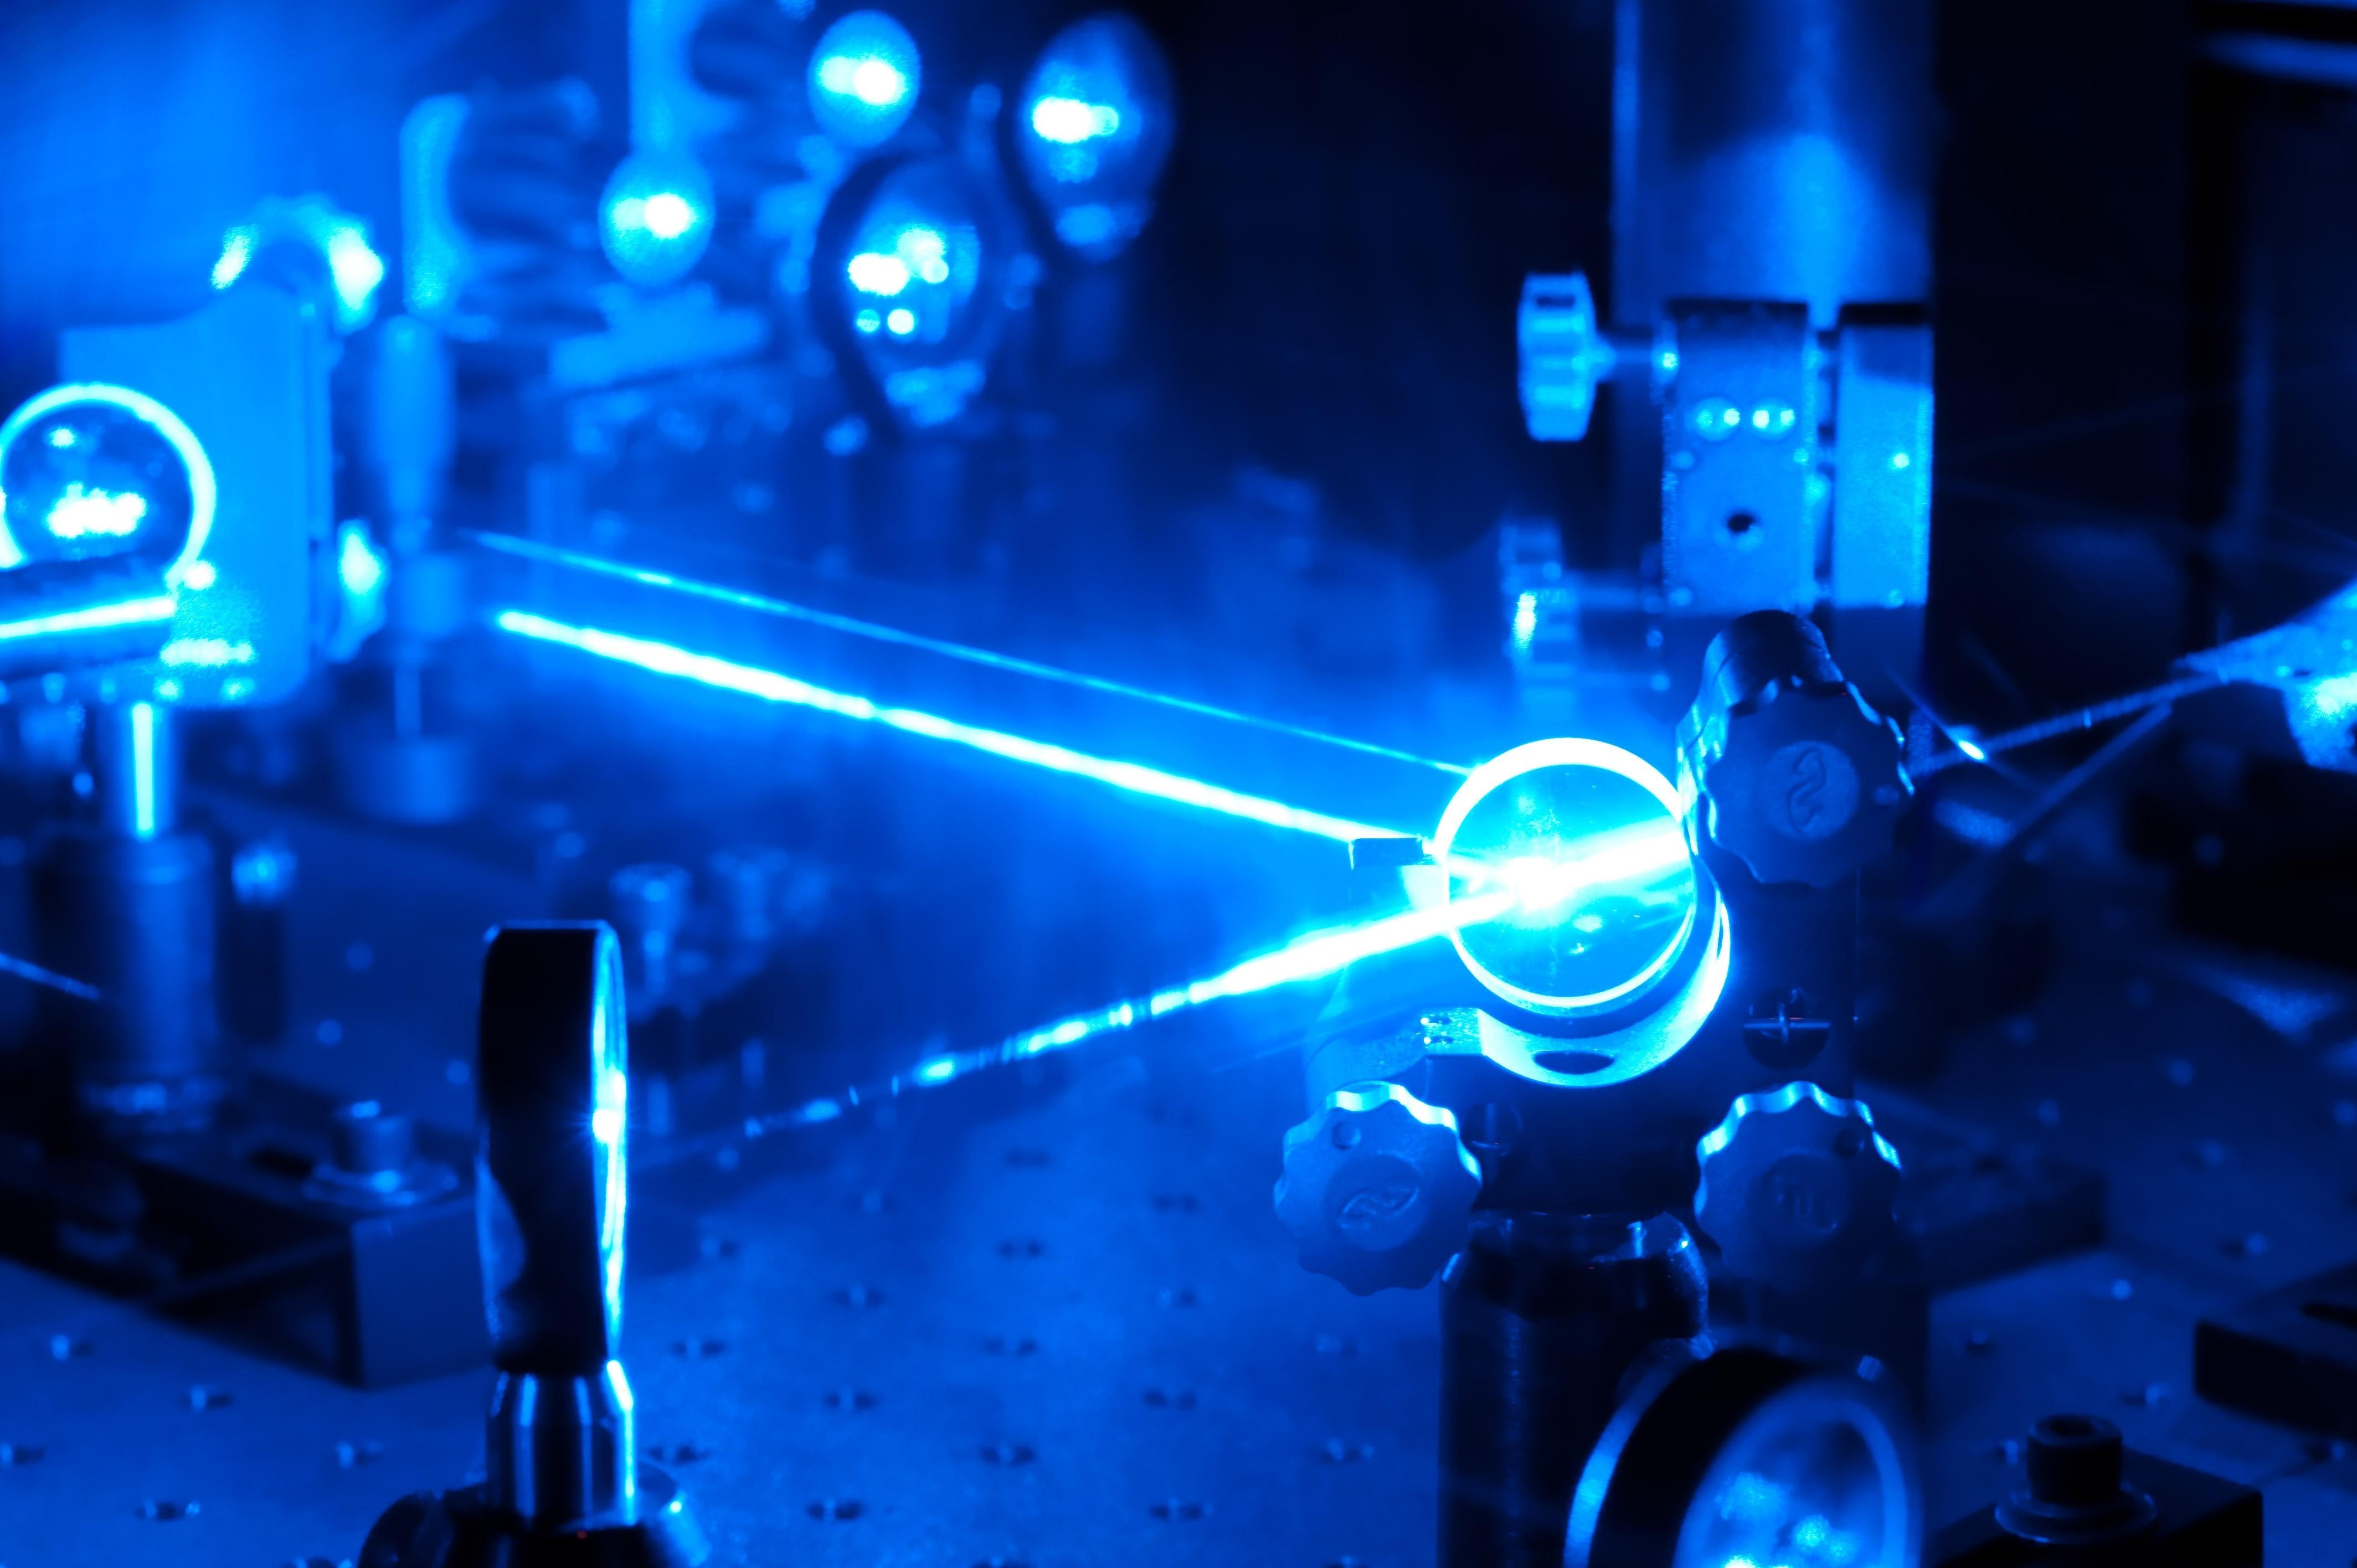 Ученые изРФ зарядили телефон лазерным лучом срасстояния 1,5км